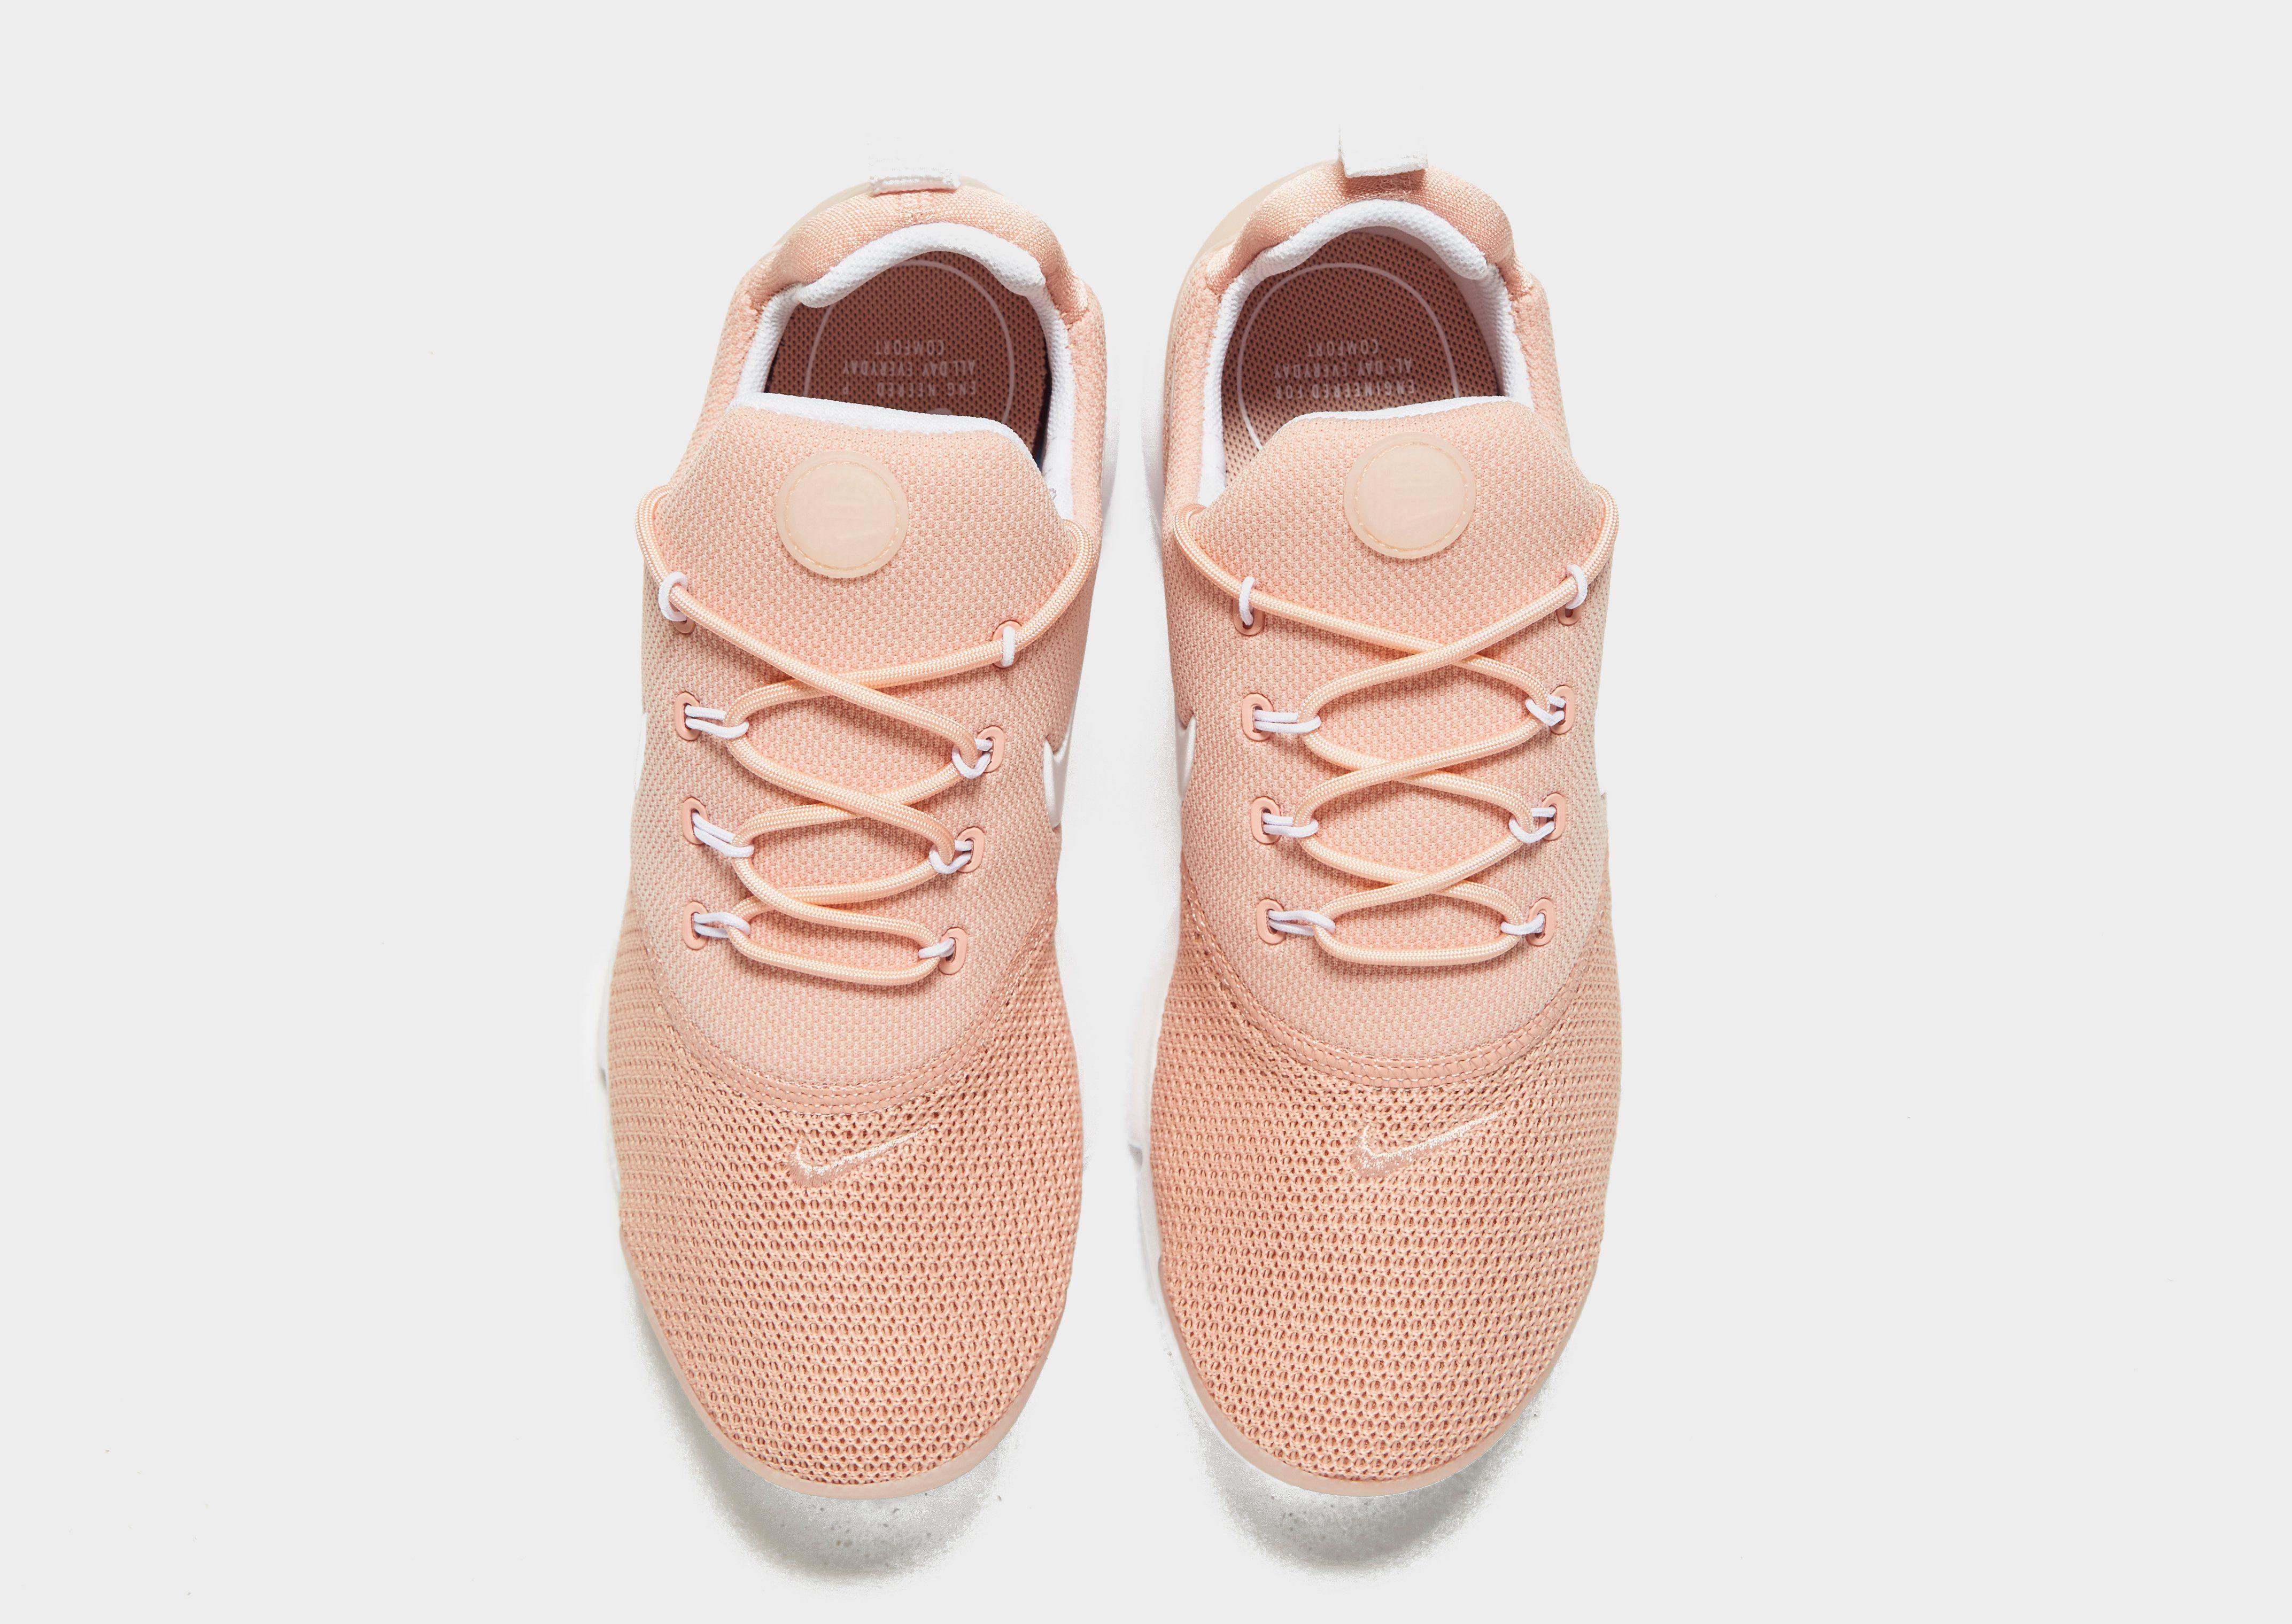 Freies Verschiffen Bequem Gefälschte Online-Verkauf Nike Air Presto Fly Damen Pink Spielraum Perfekt Günstig Kaufen 2018 Neueste UBHs1Bw2gb